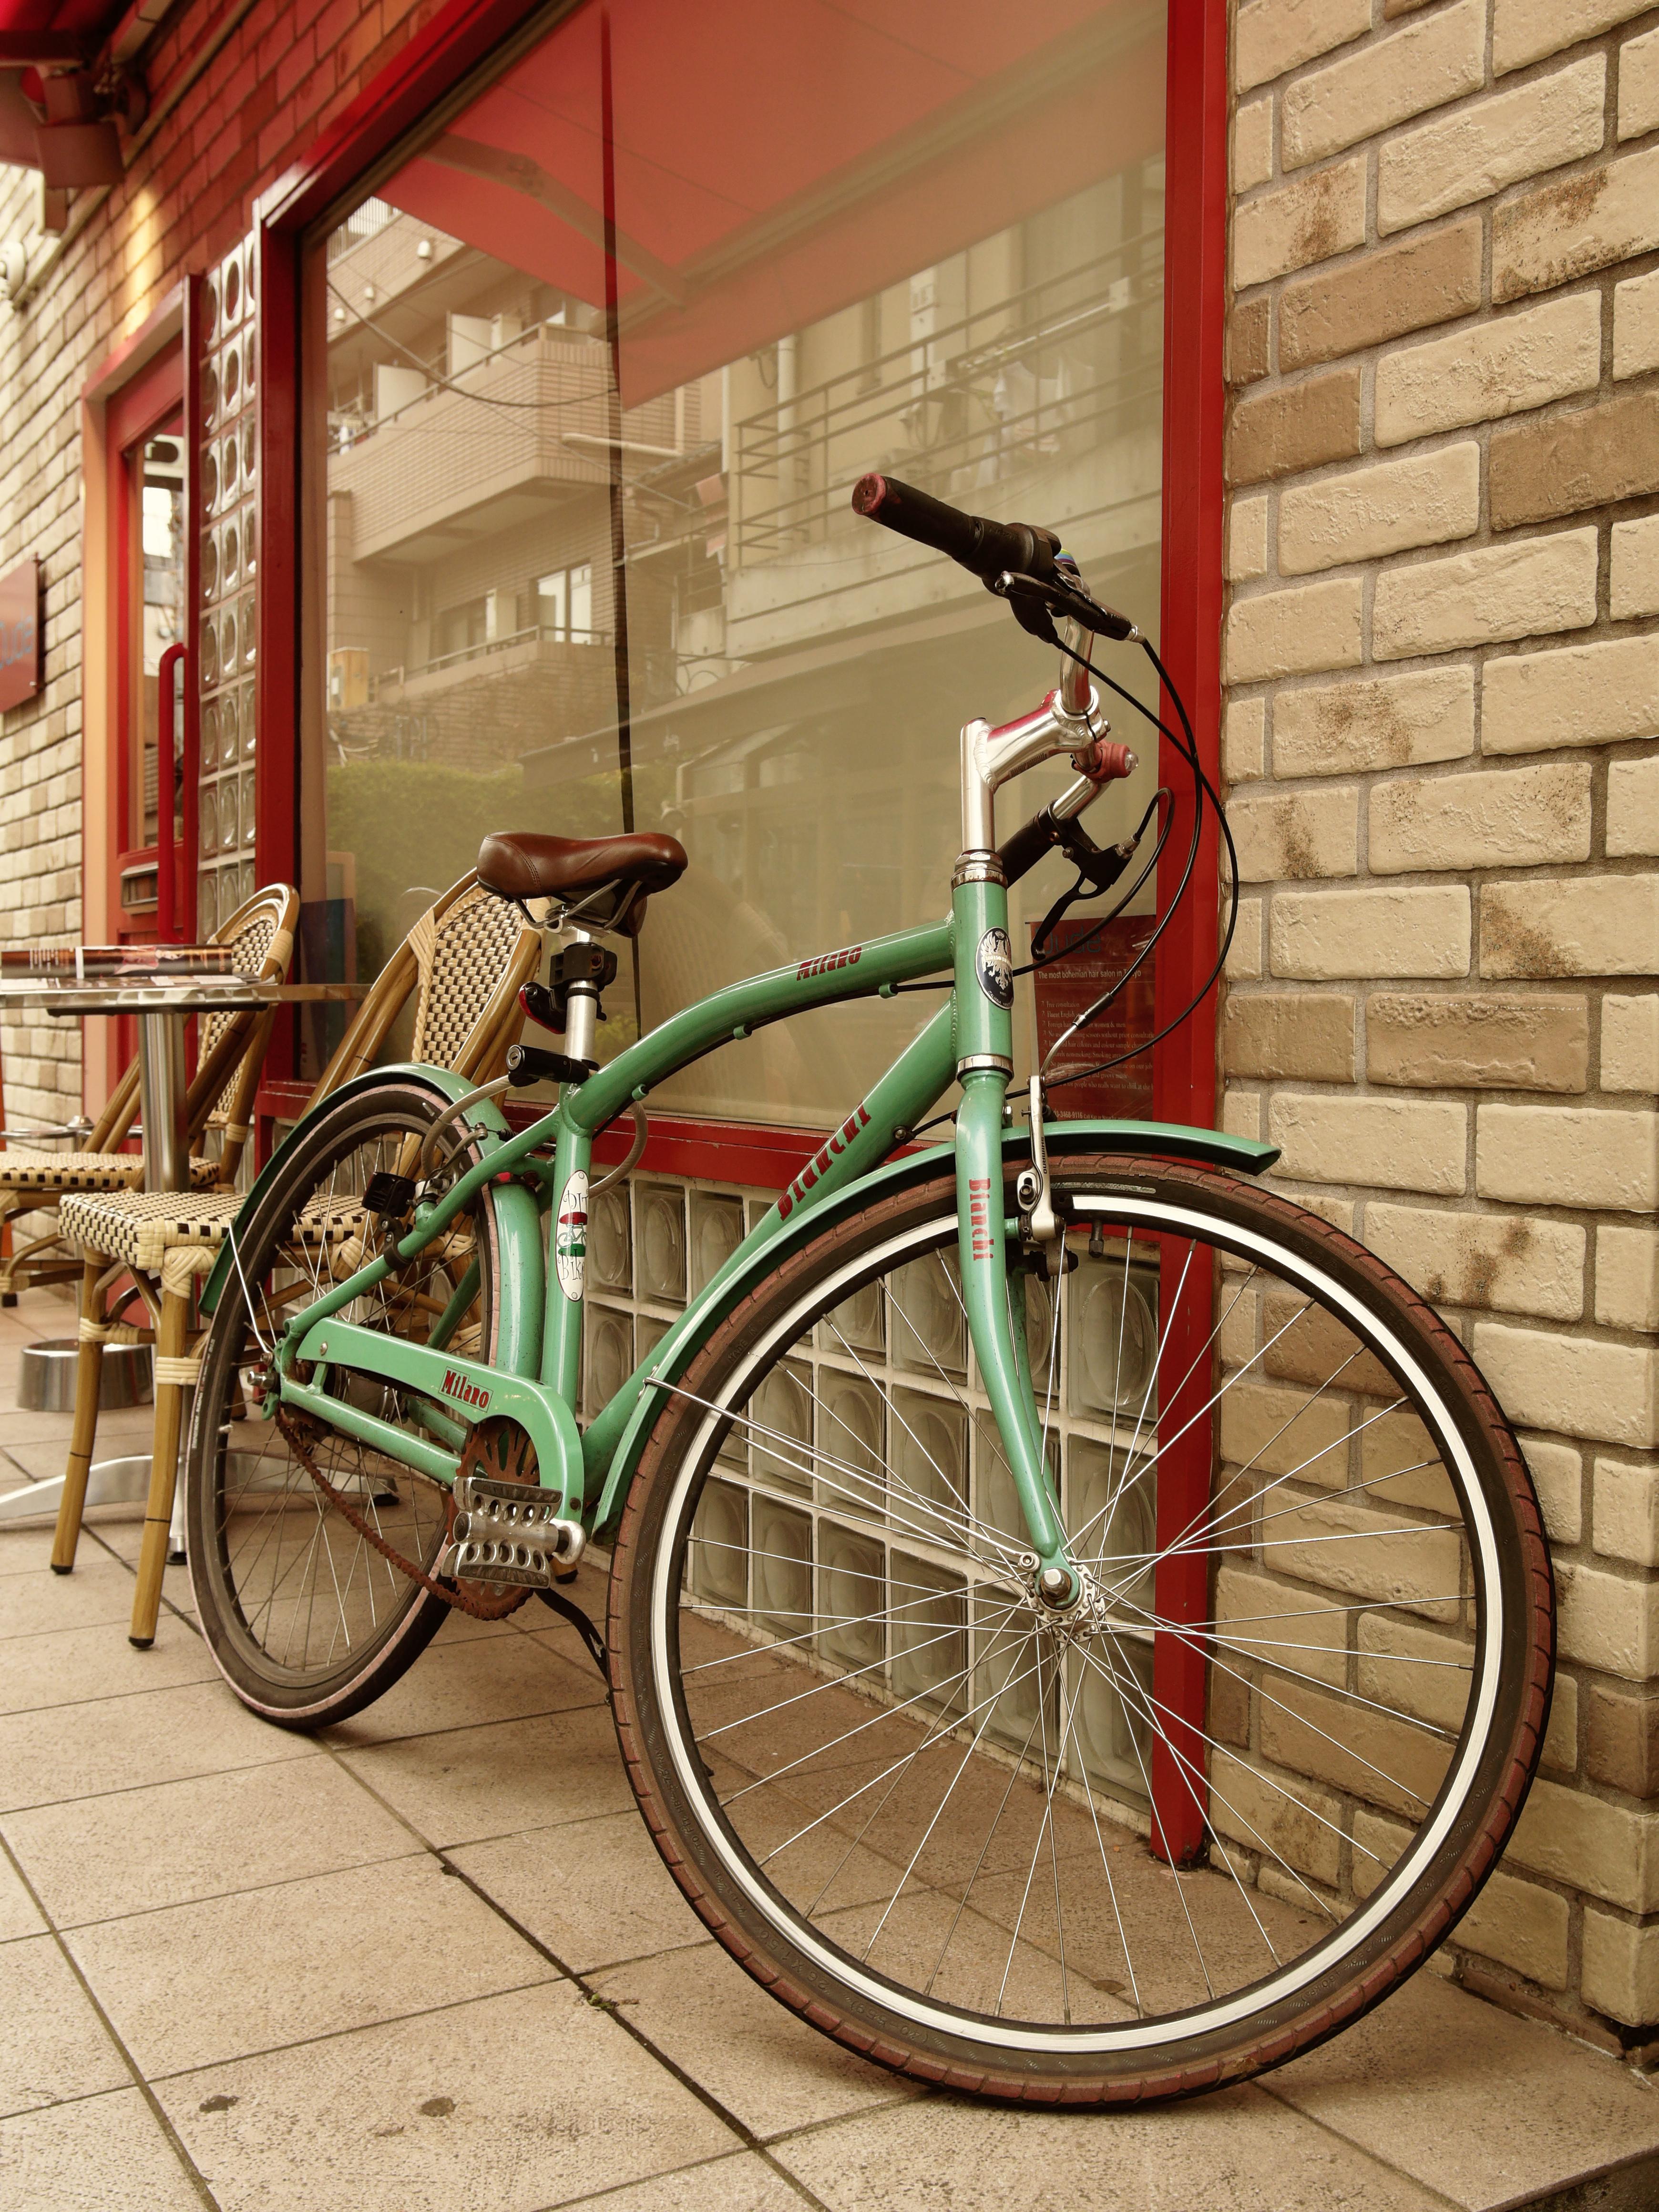 駐輪してあった自転車を撮影。描写力は高く壁のディテールや自転車の金属部分の質感もしっかりと表現できている。ISO299 / F6.3 / 1/63秒 / -0.4EV / 19mm